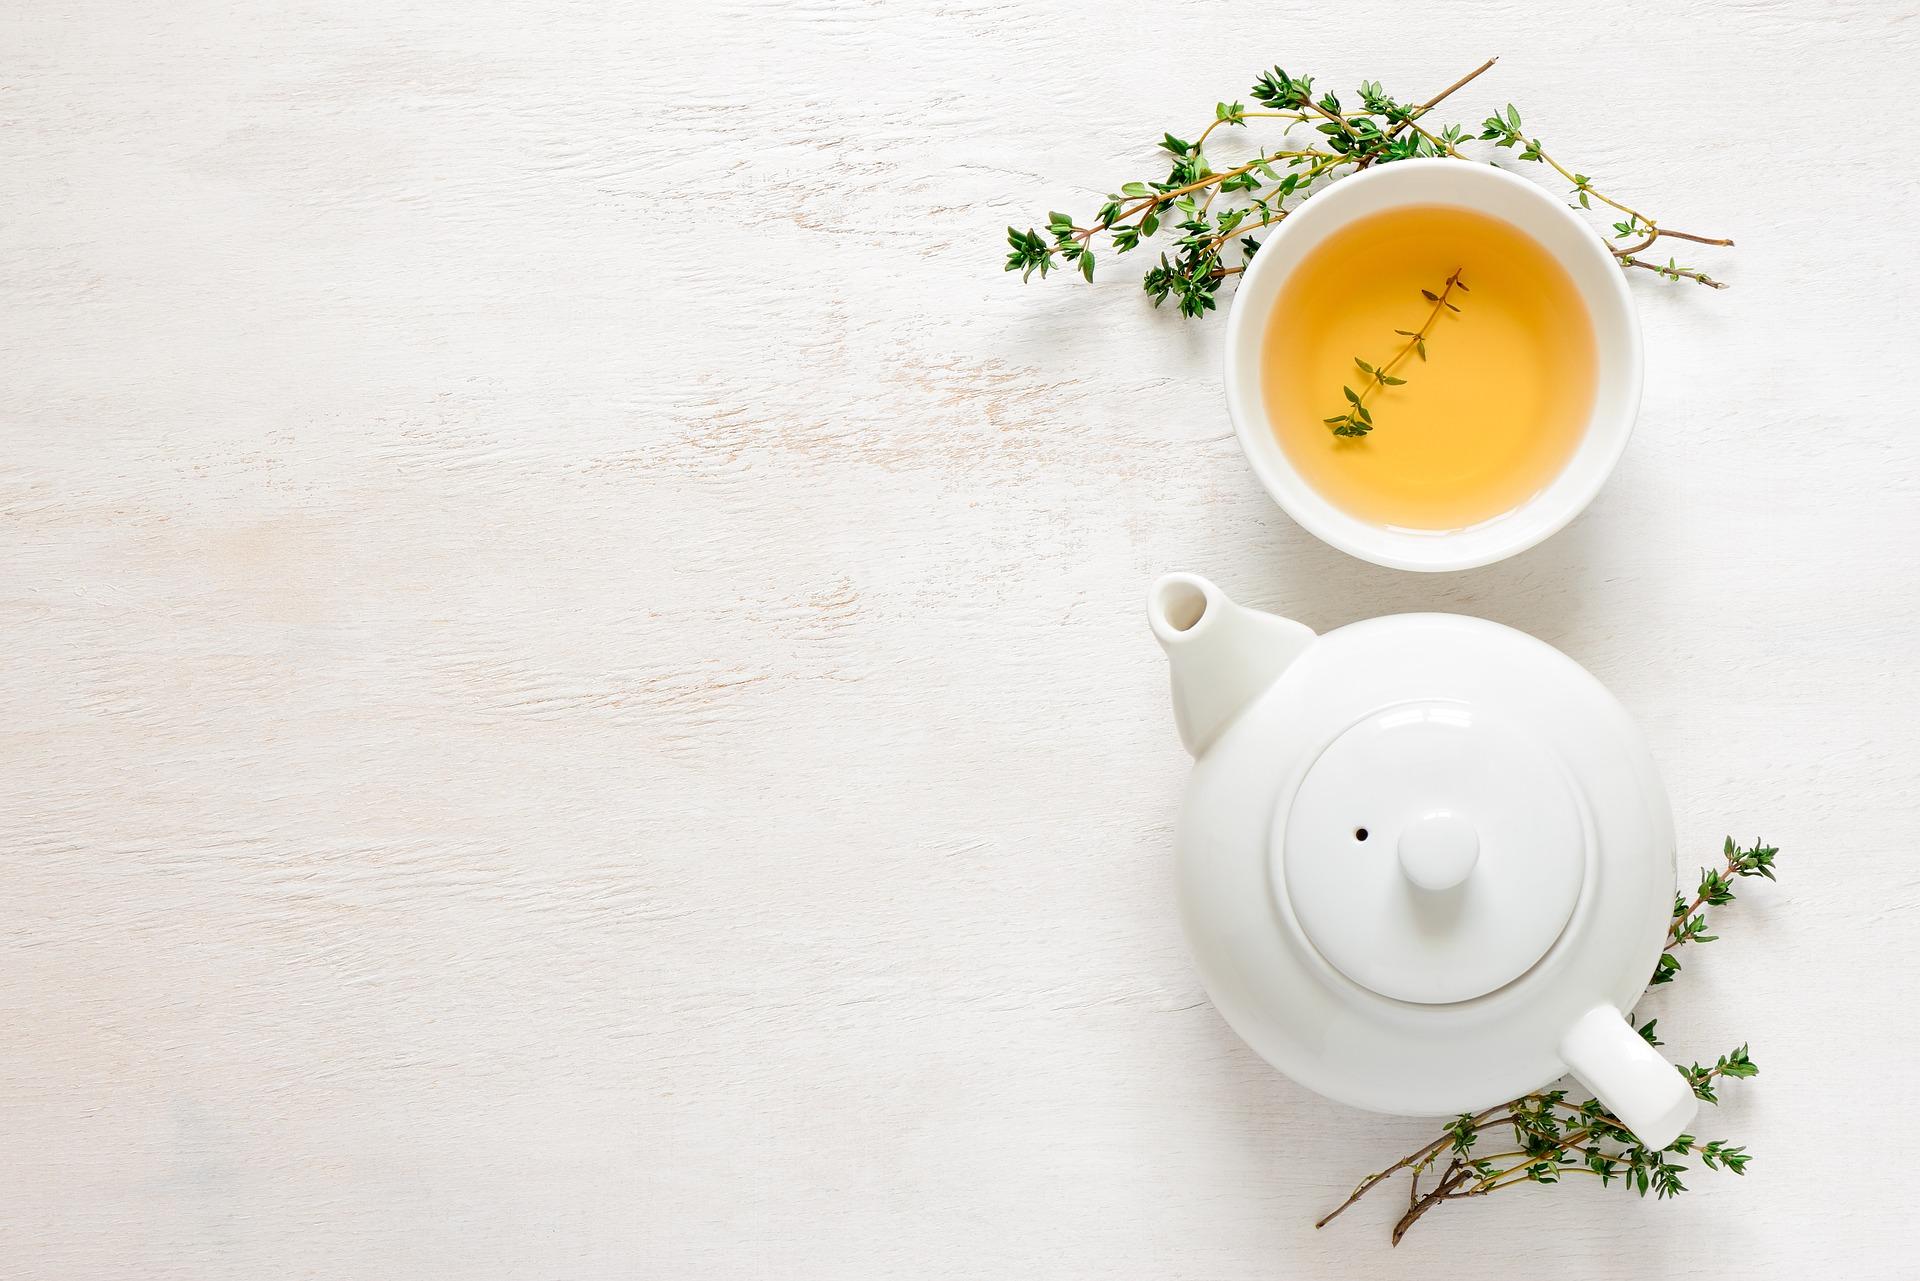 กินชาอะไรดี